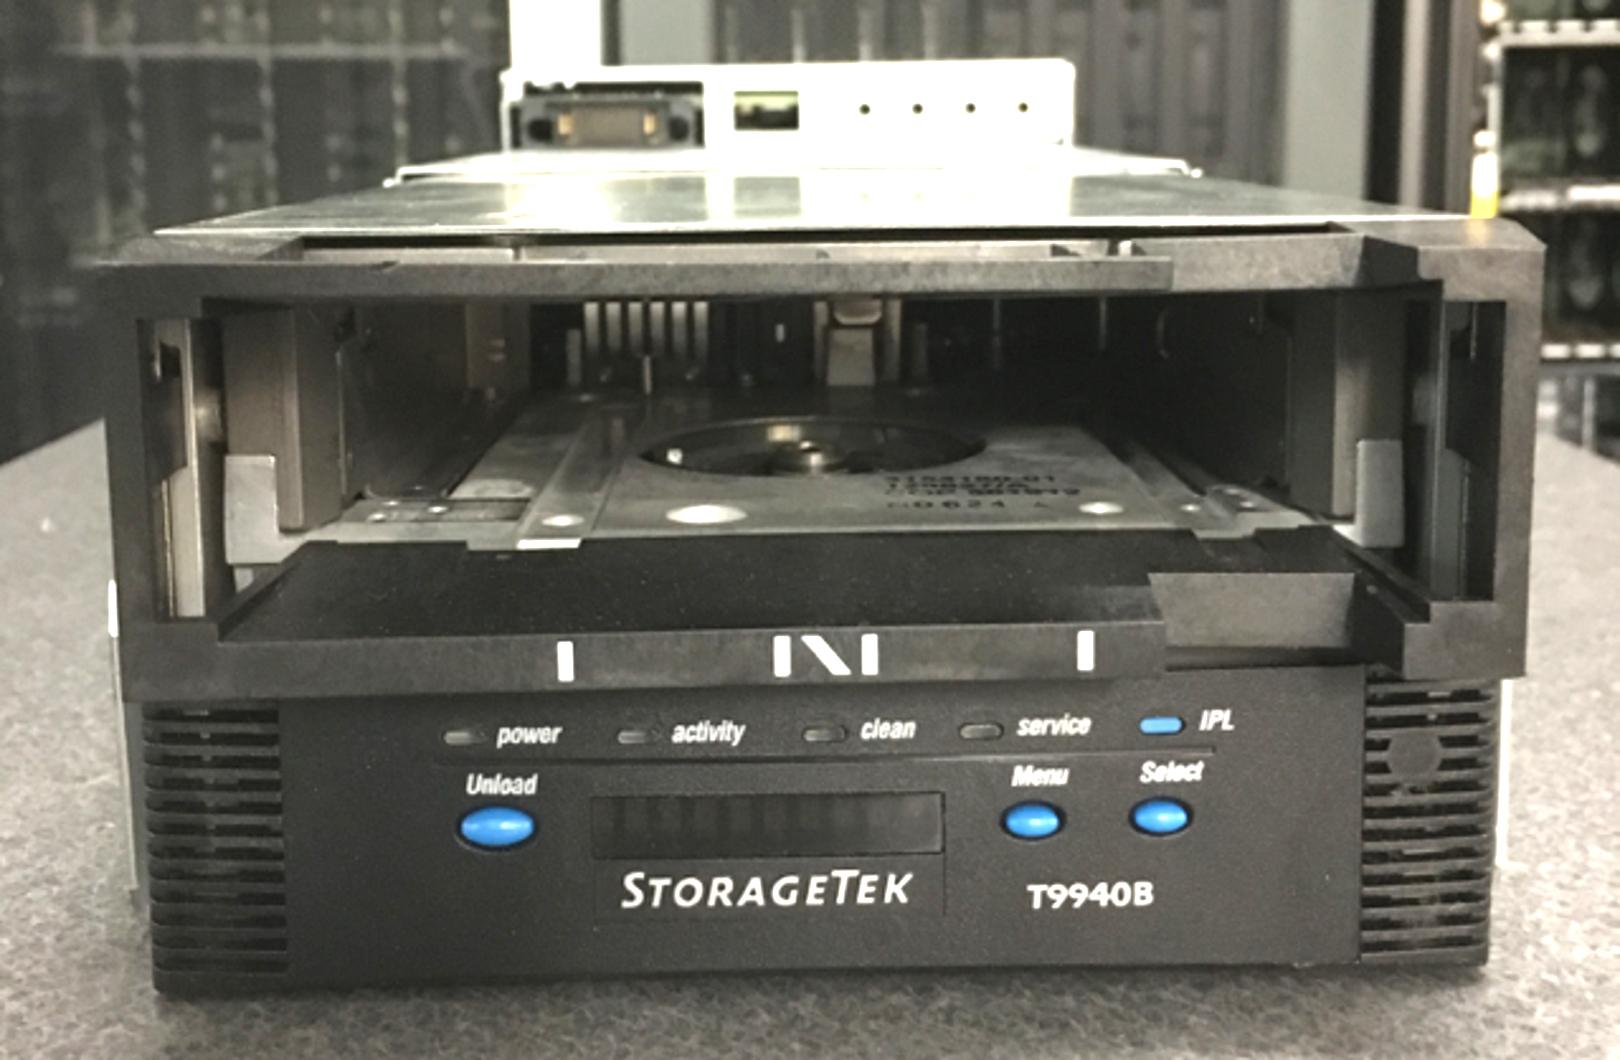 T9940B StroageTek Tape Drive